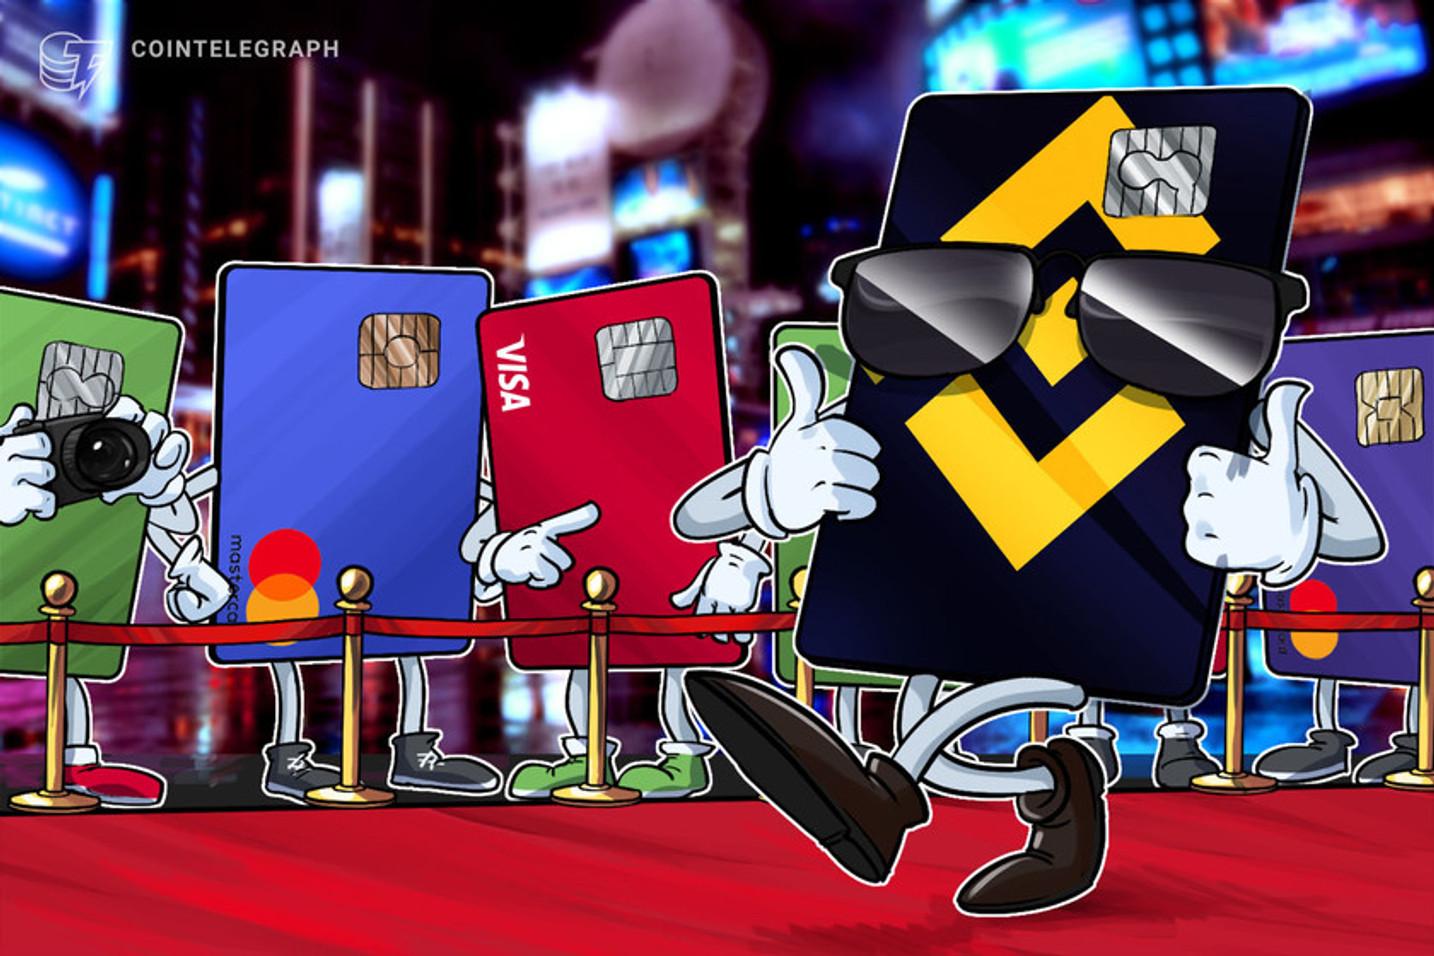 Binance Card podría llegar a Colombia pronto, según representante del exchange